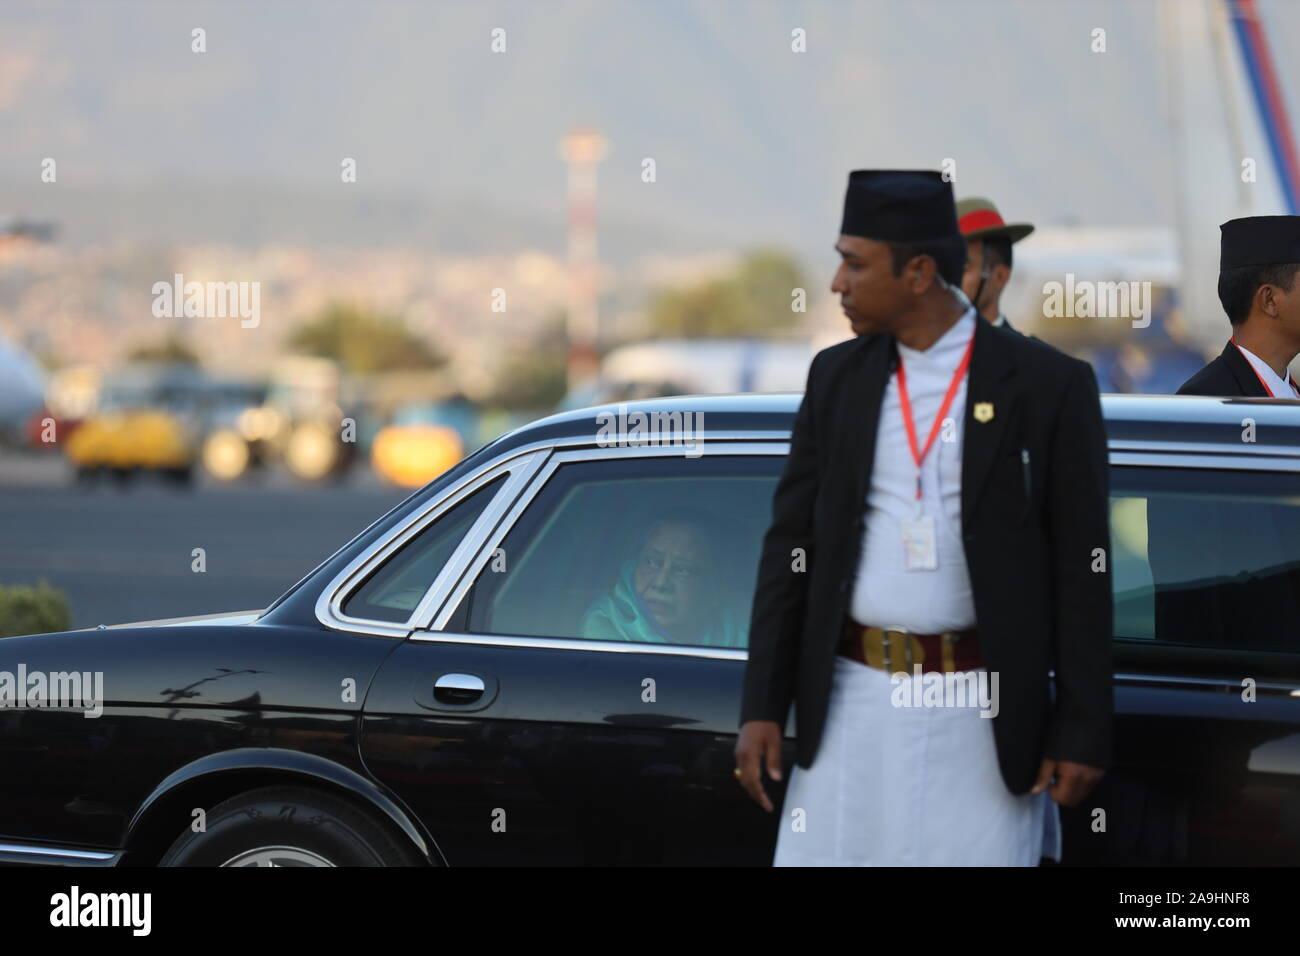 Katmandou, Népal. 15 Nov, 2019. Le président du Bangladesh, Abdul Hamid et première dame du Bangladesh Rashida Hamid est revenu après l'enveloppement les quatre jours de visite officielle du Népal le vendredi, Novembre 15, 2019. (Photo by Subash Shrestha/Pacific Press) Credit: Pacific Press Agency/Alamy Live News Banque D'Images